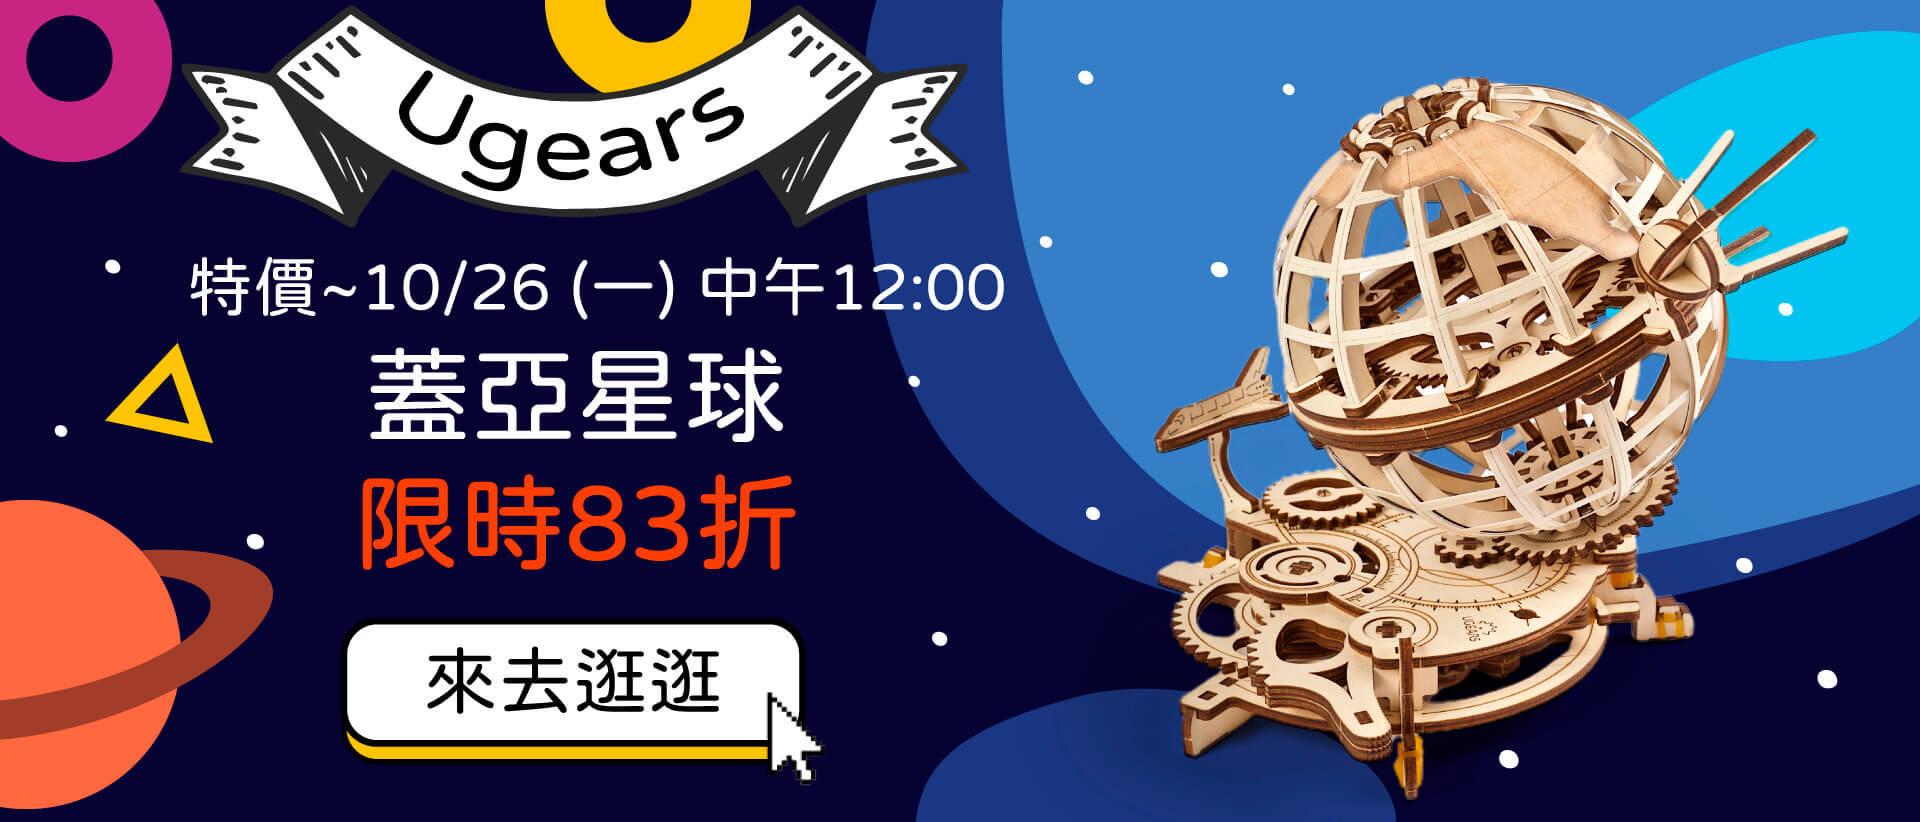 首頁-蓋亞星球83折banner